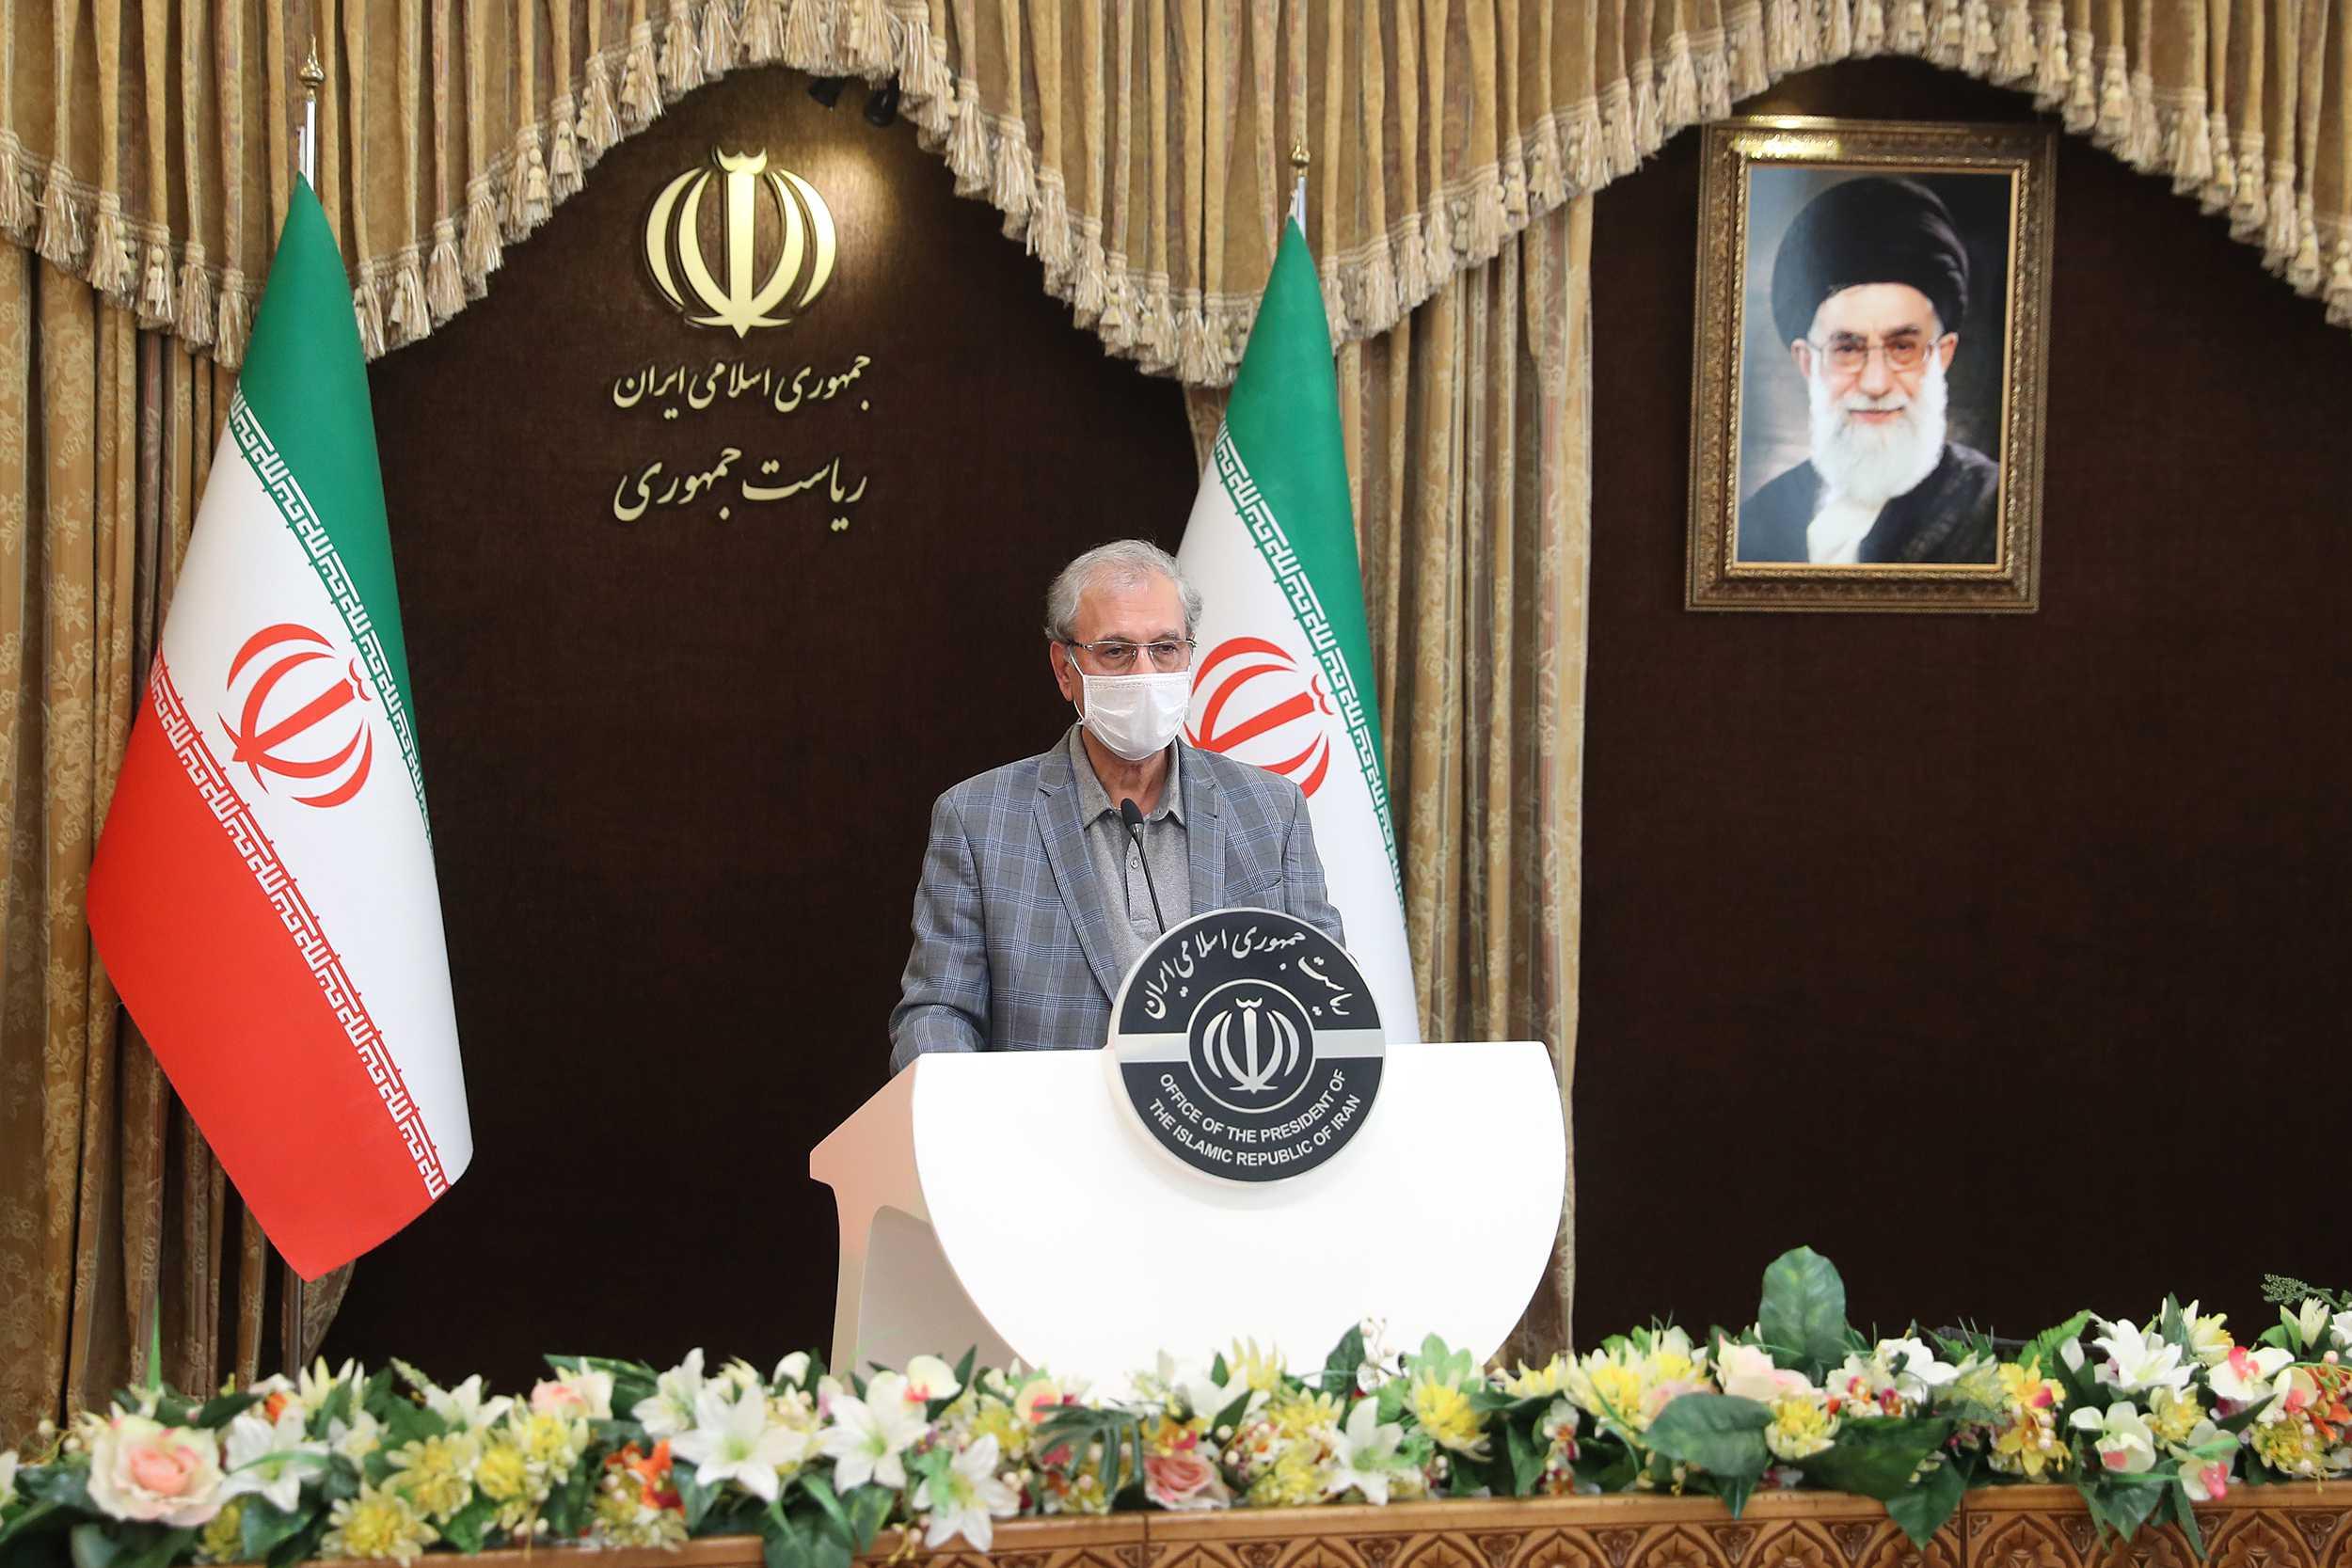 ترامپ برای آغاز دیپلماسی موفق با ایران چهار سال فرصت داشت